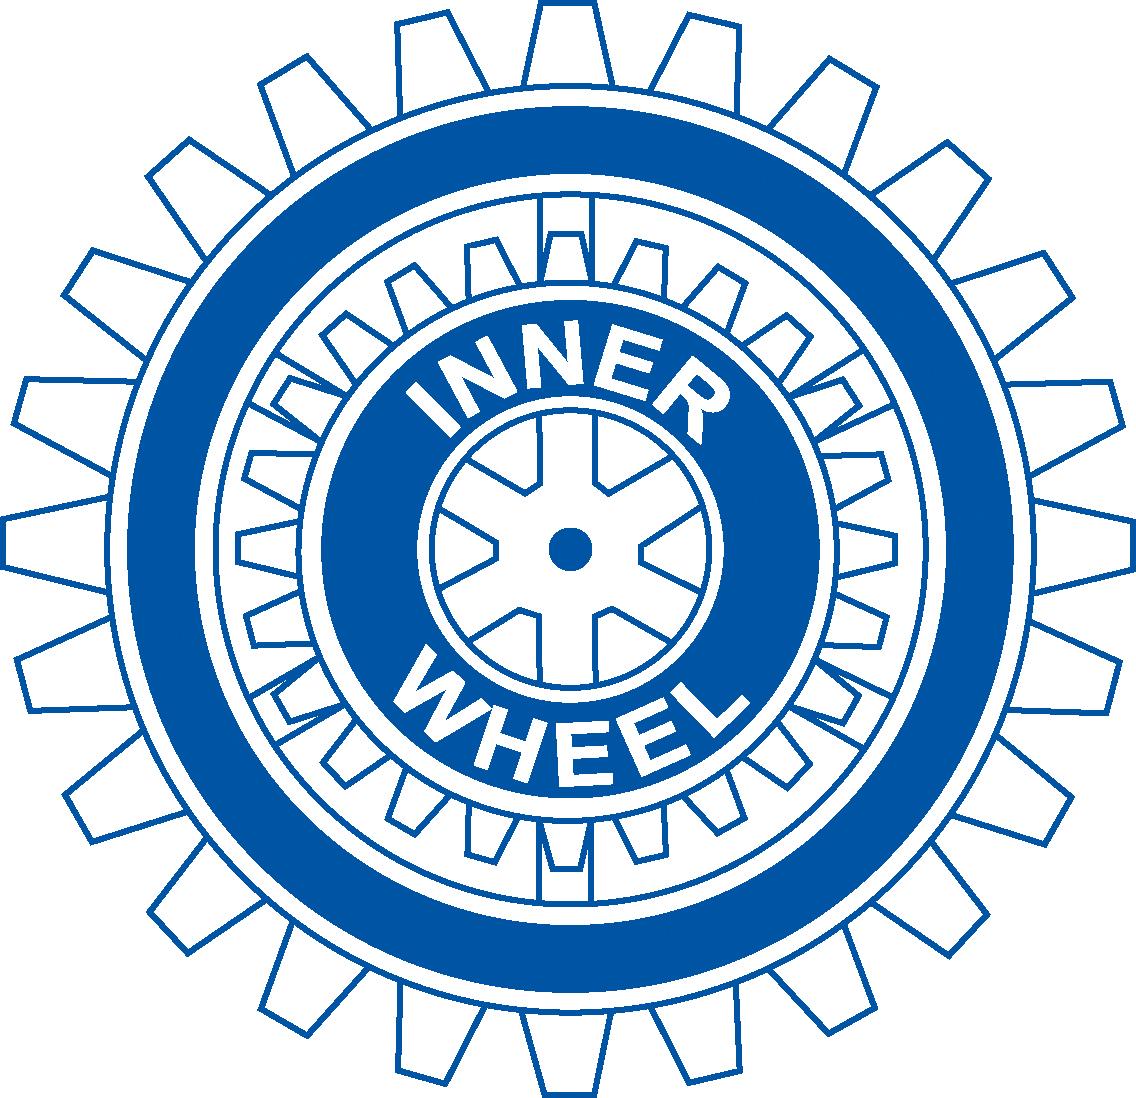 IW-logo-blue-white